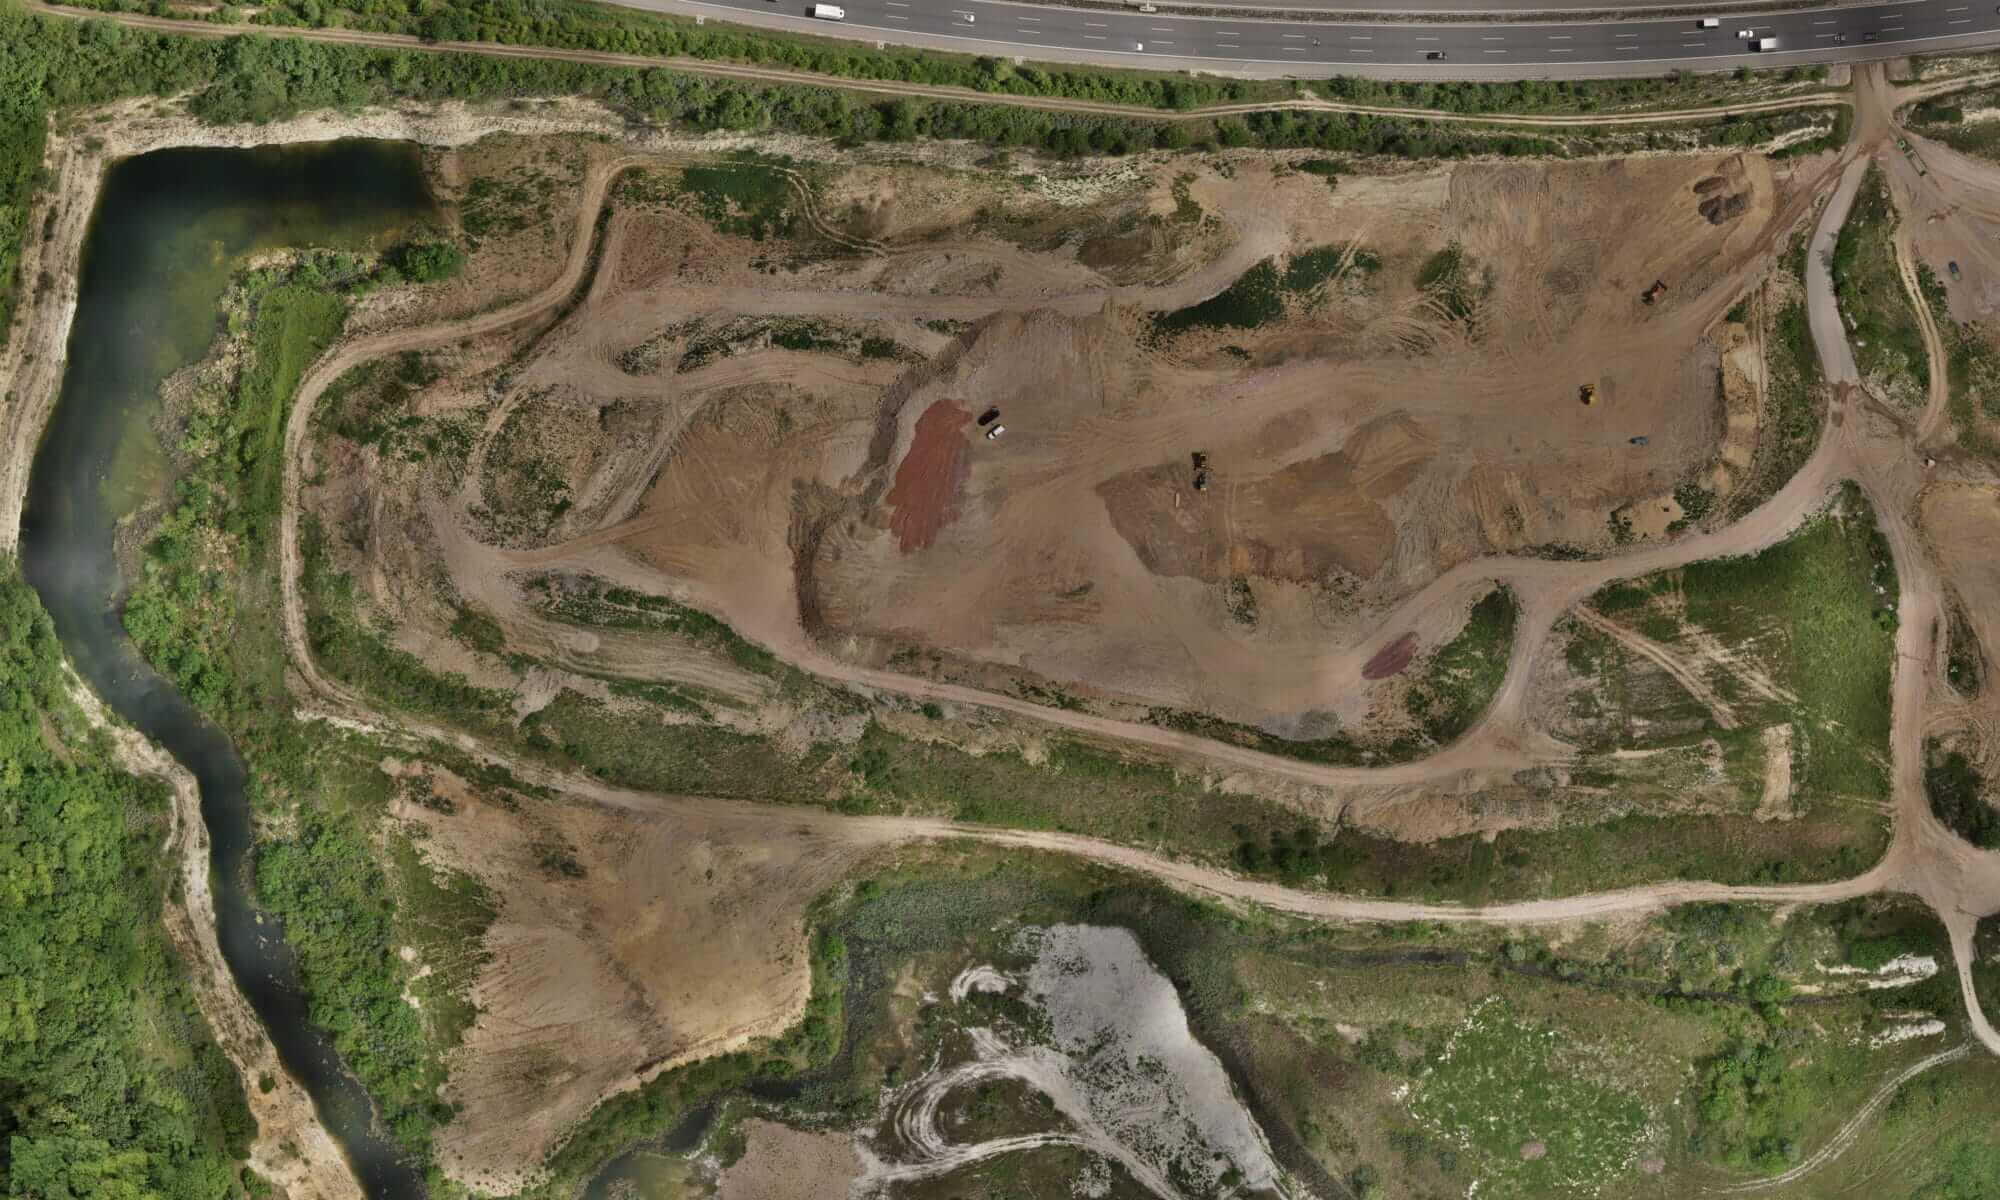 Georeferenziertes-Orthophotoo-Drohne-Vermessung-mit-Drohne-Kartierung-Steinbruch